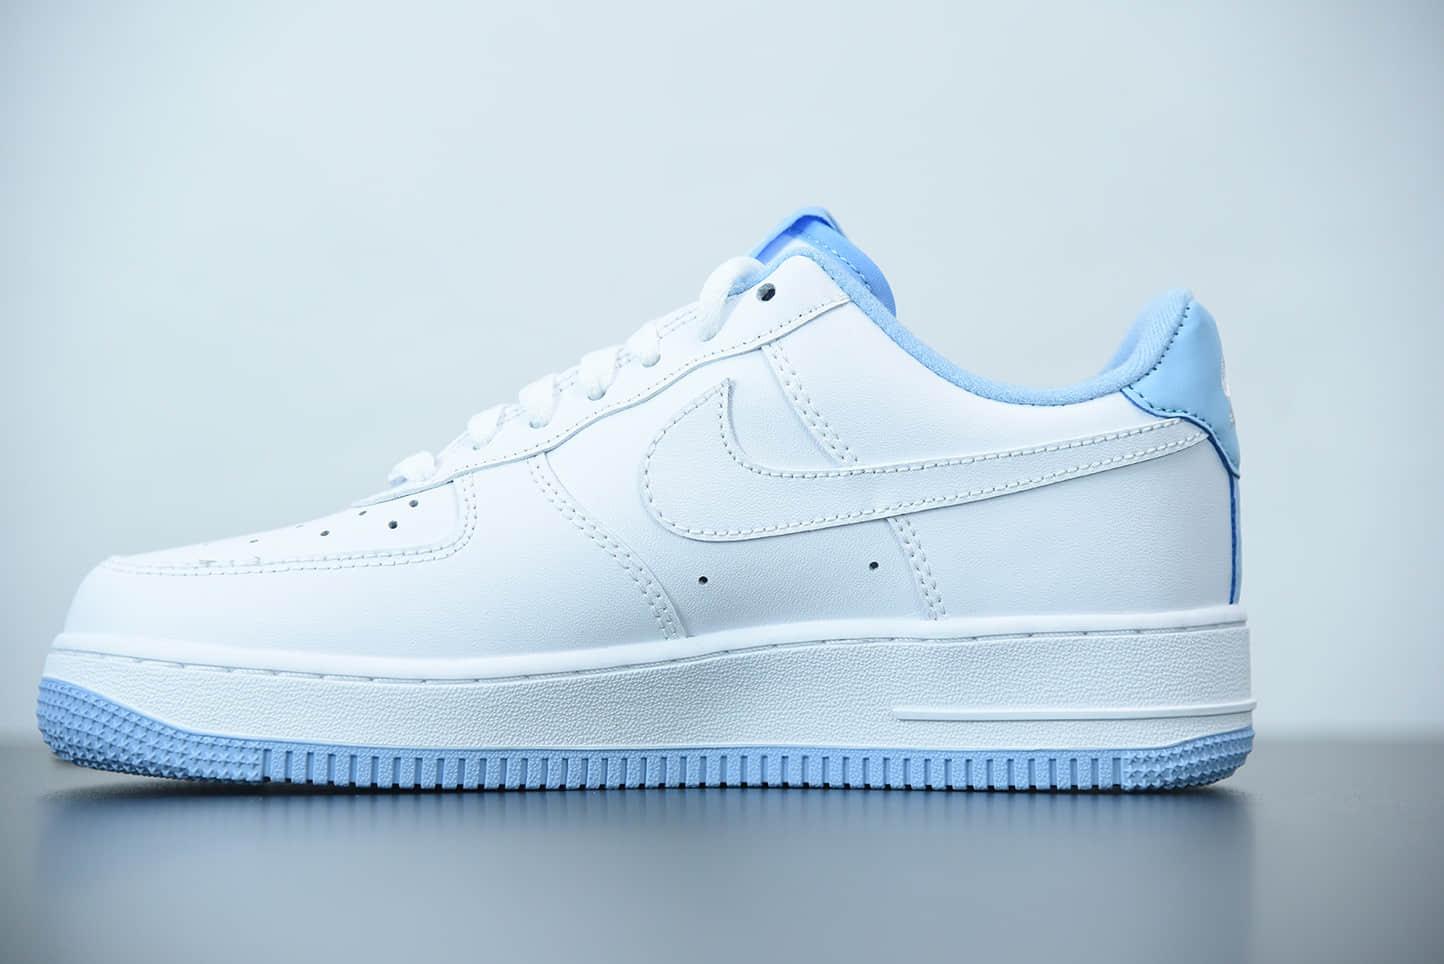 耐克 Nike Air Force 1 White Hydrogen Blue'(GS)白蓝空军一号经典低帮百搭休闲运动板鞋纯原版本 货号:CD6915-103